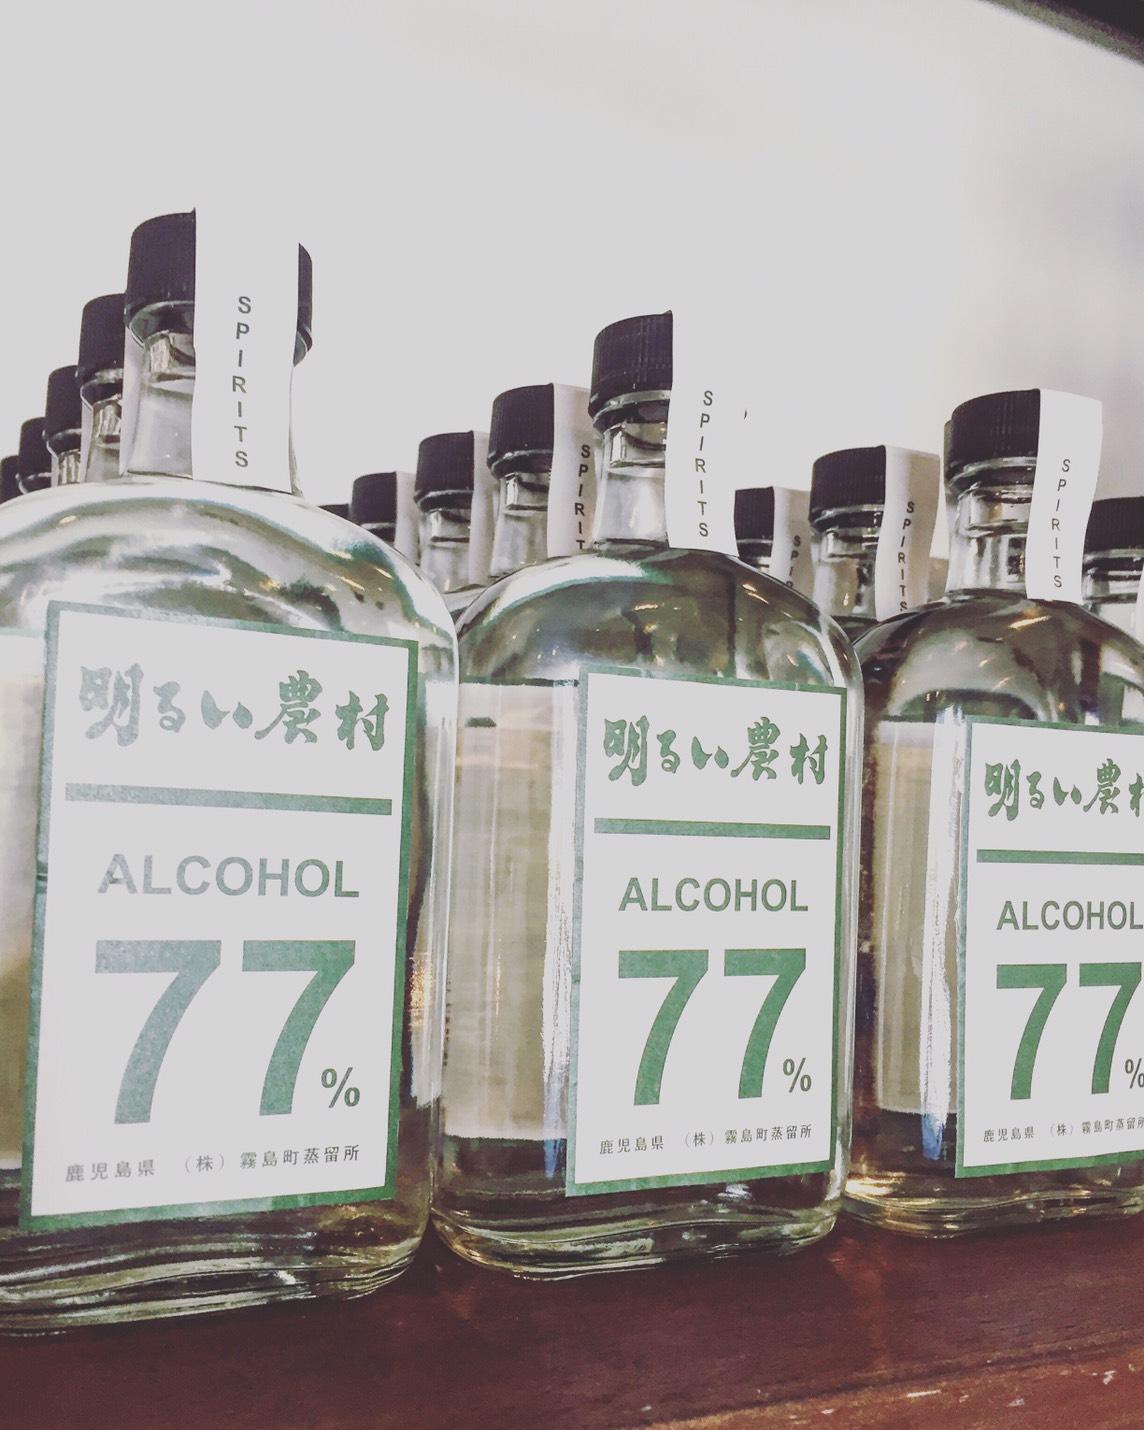 「明るい農村ALCOHOL77」 (鹿児島県/霧島町蒸留所)